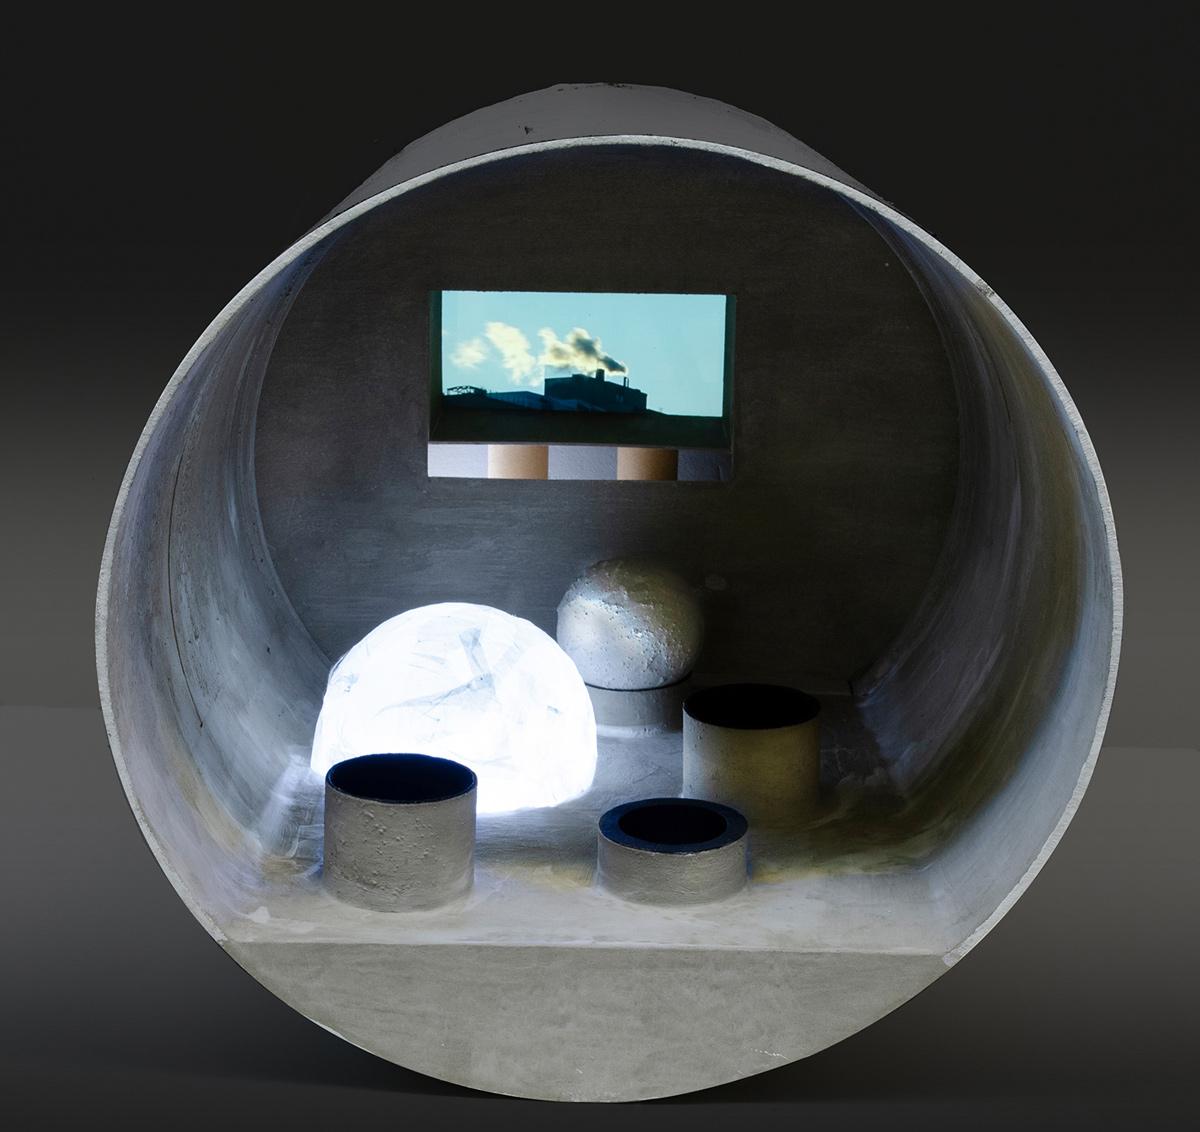 תמר שפר, תא שטח, 2018, פרט 2 מתוך מיצב, צינורות קרטון, בטון וטכניקה מעורבת (שחור)